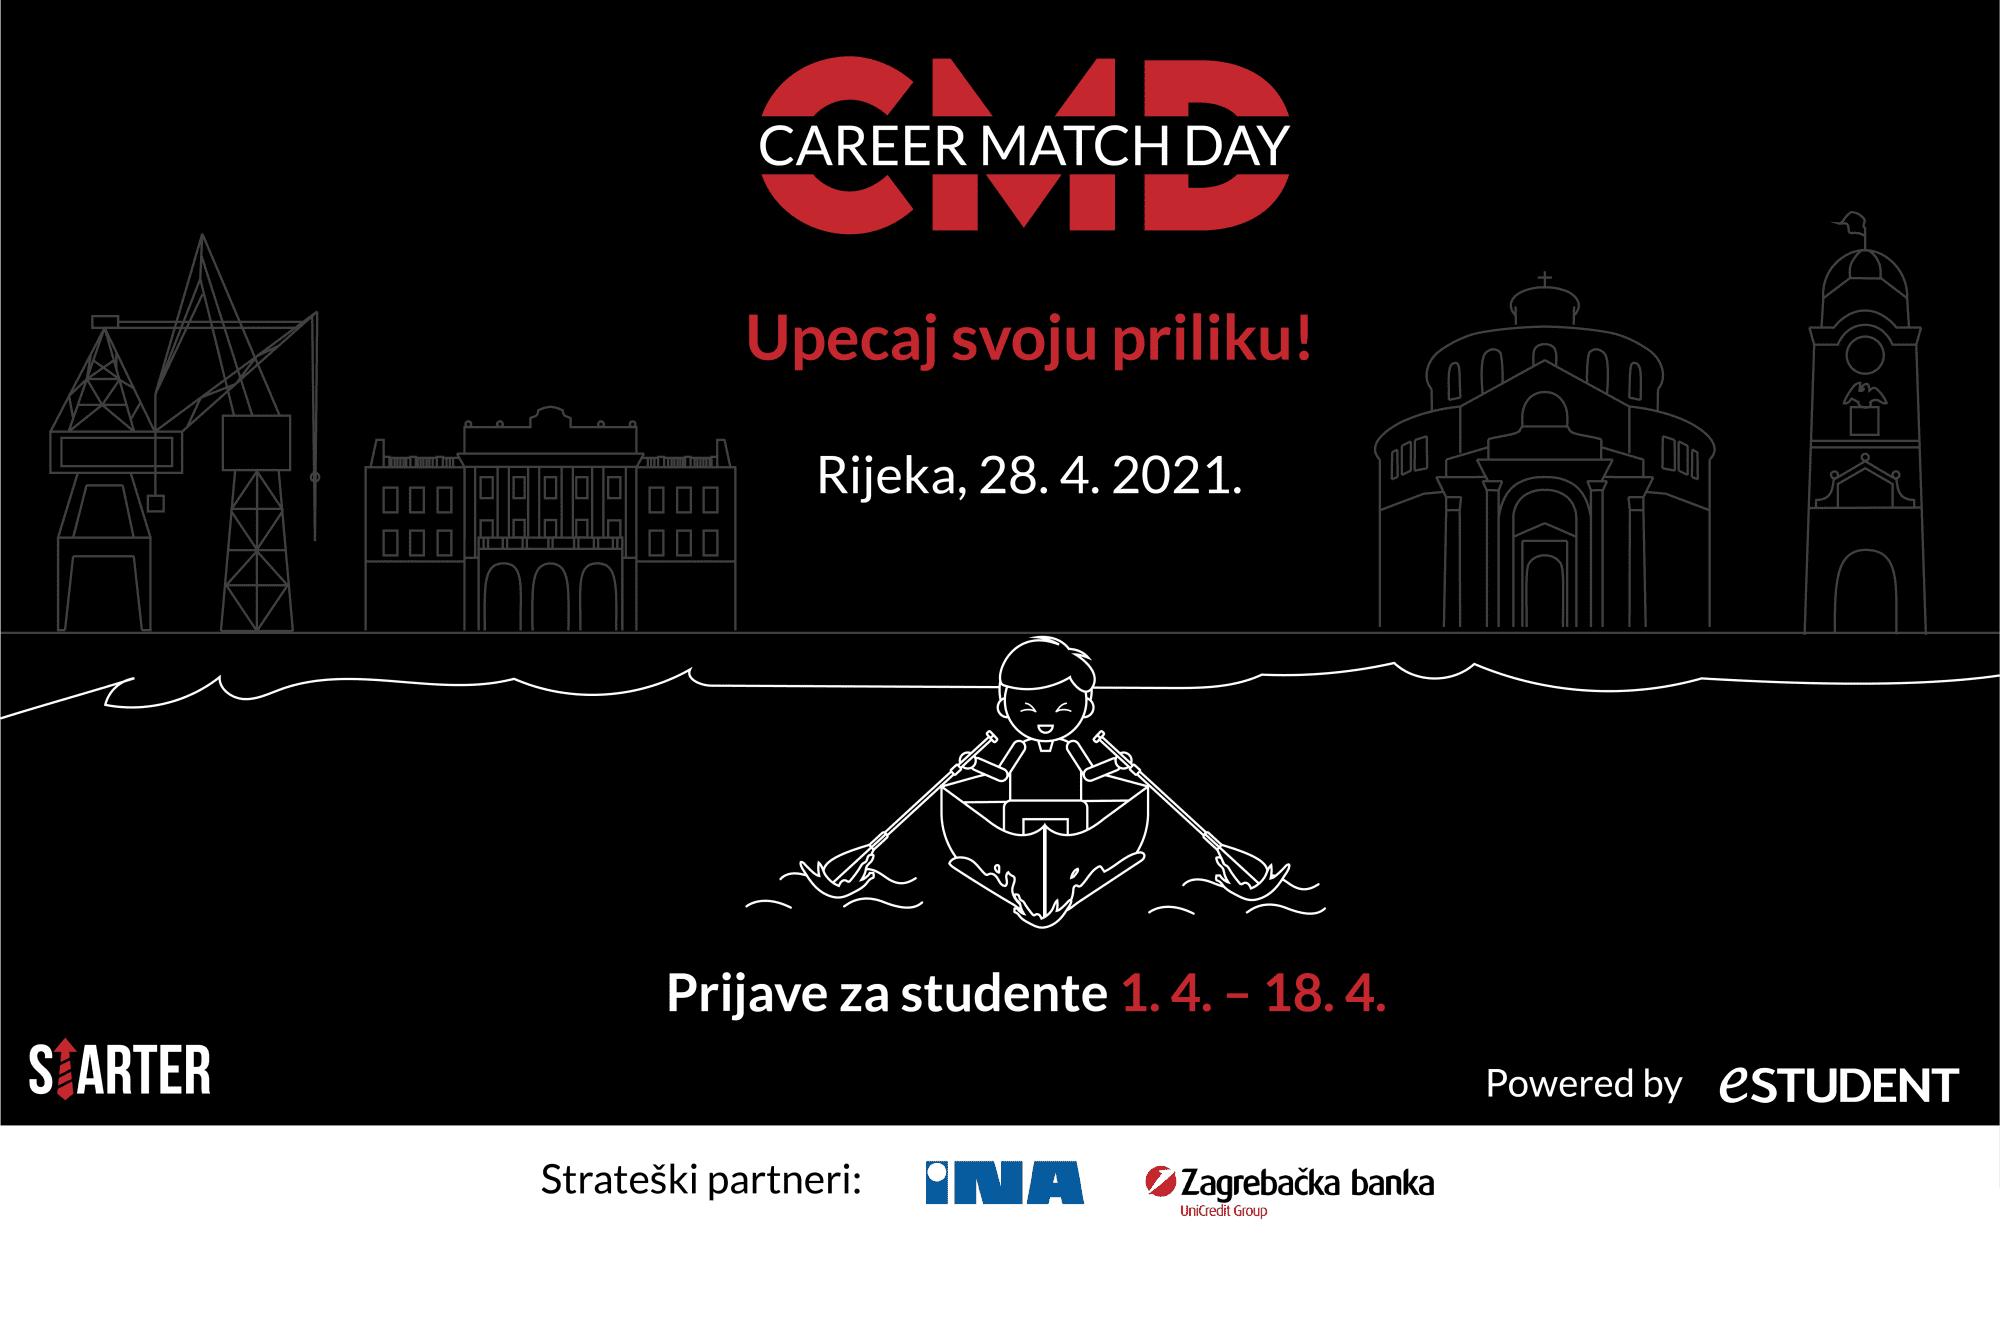 Otvorene su prijave za Career Match Day: Upecaj svoju priliku!